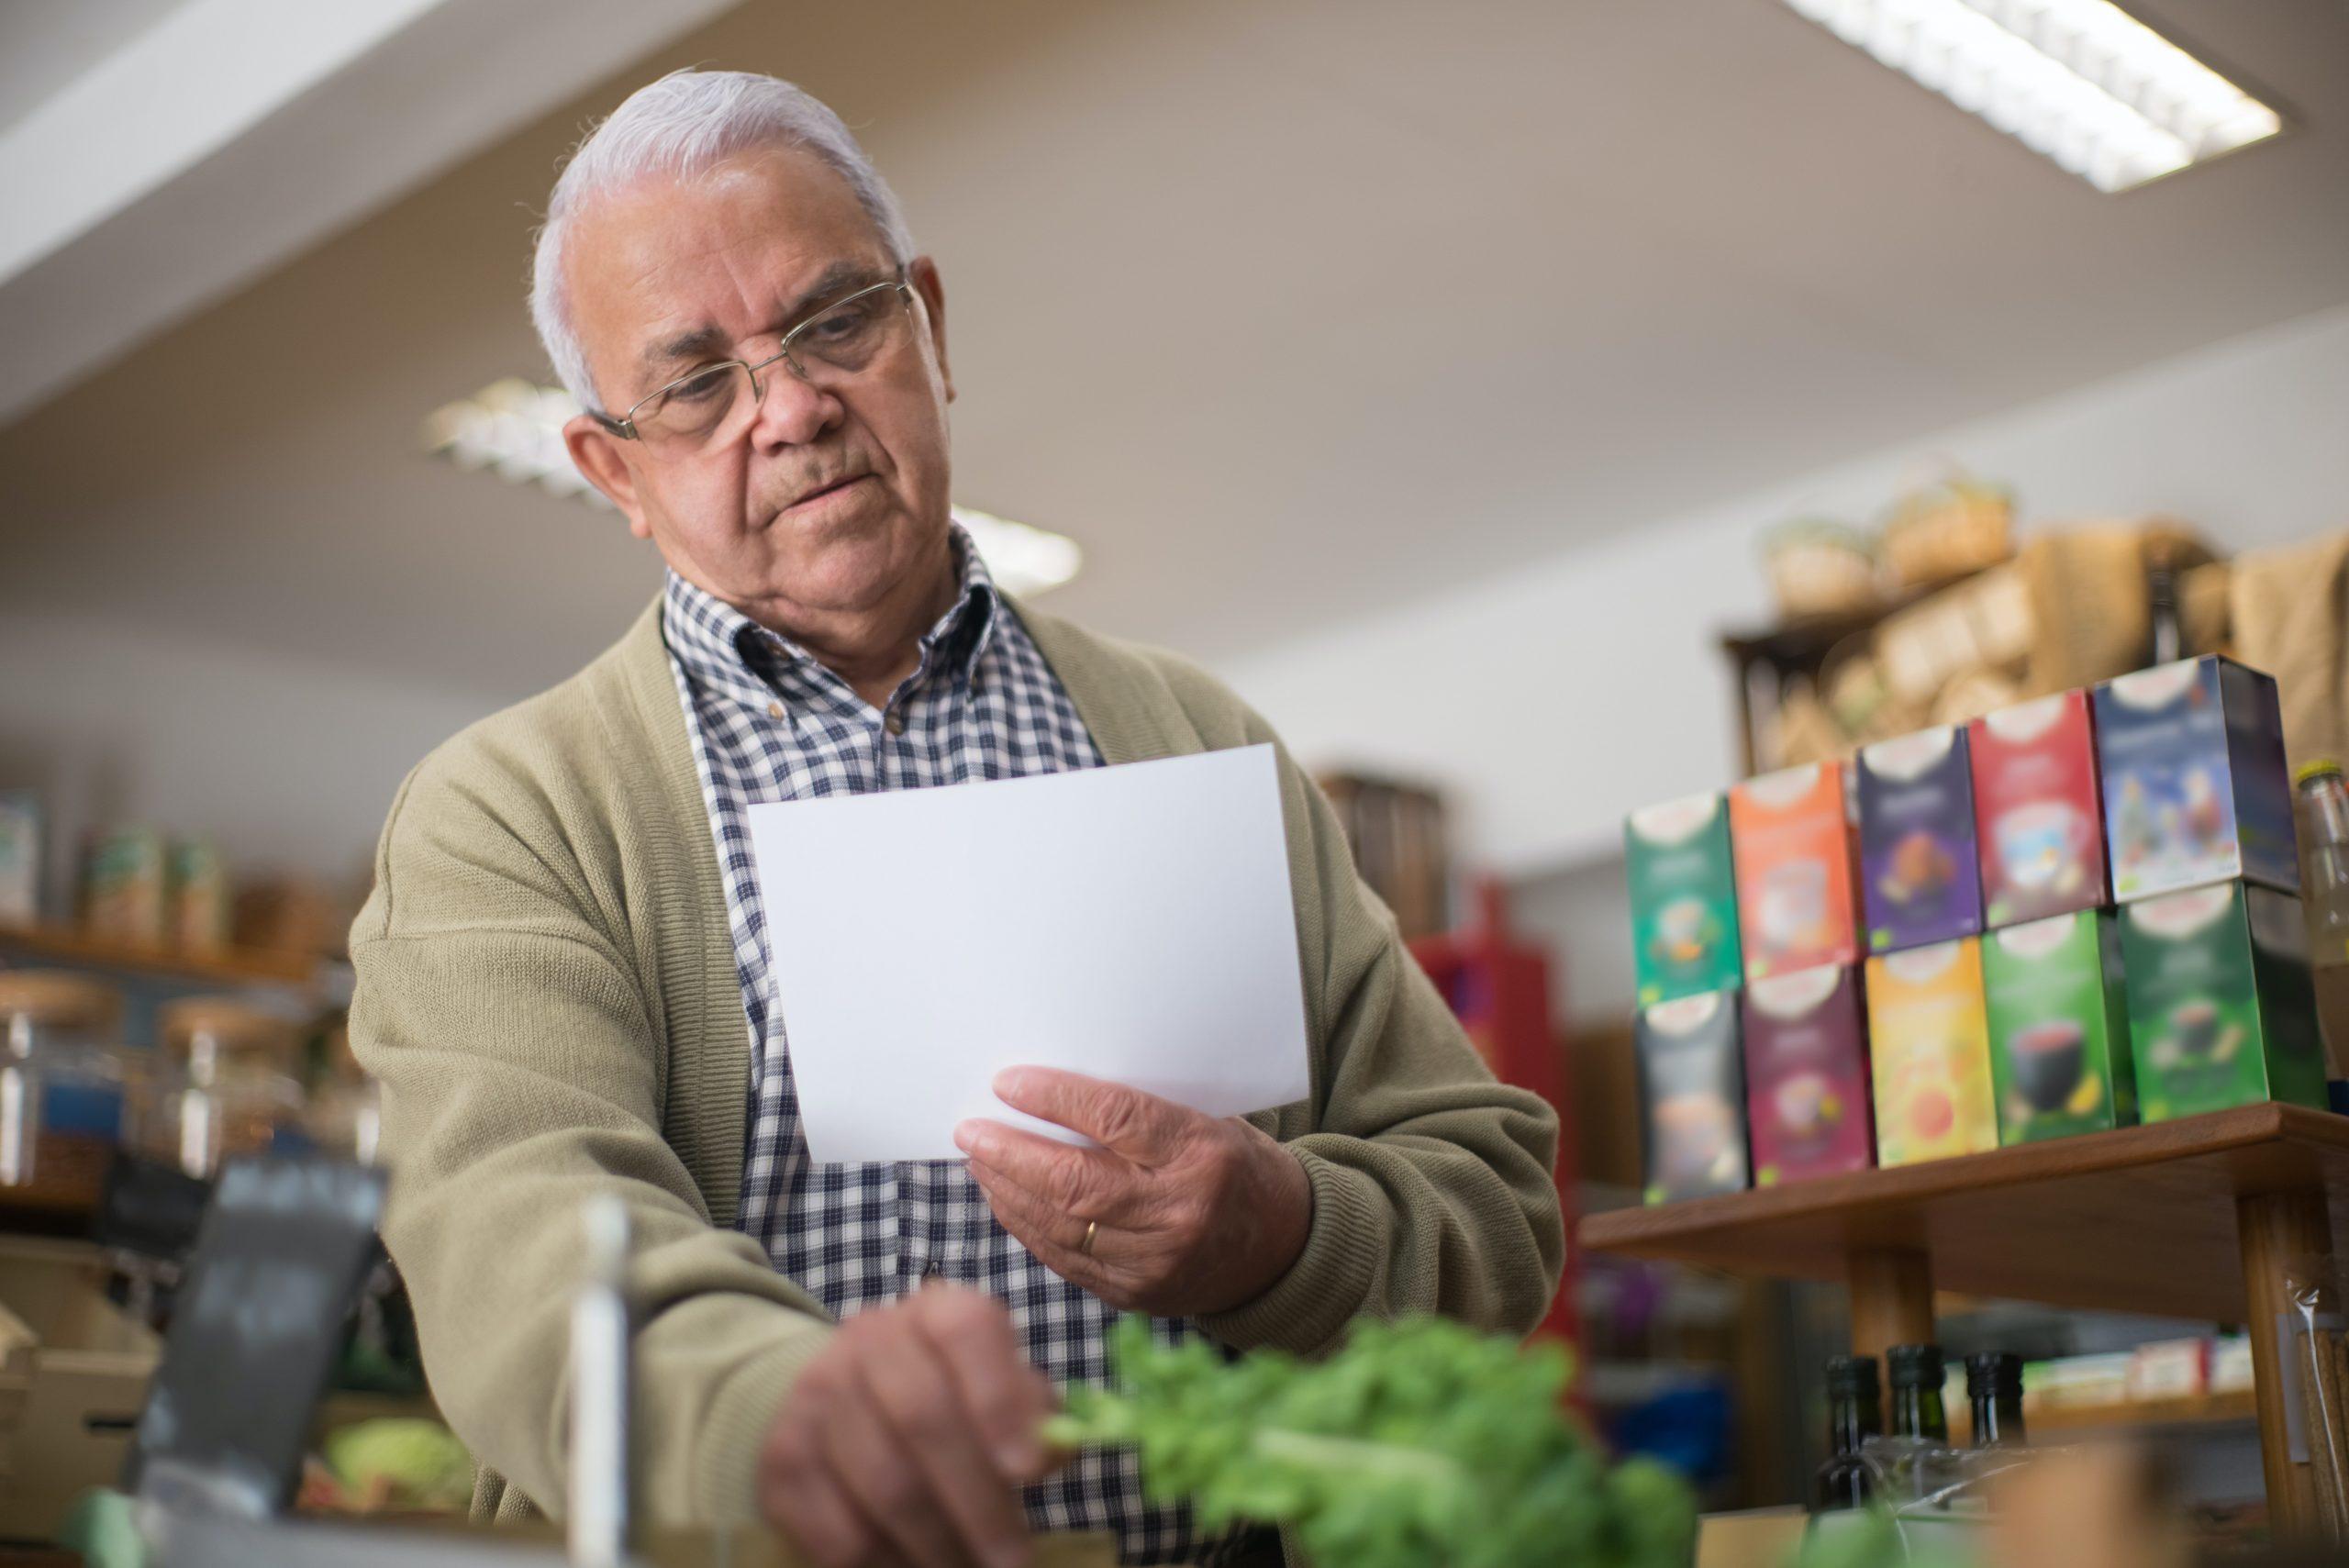 Demencja starcza – objawy. Co warto wiedzieć na temat choroby?